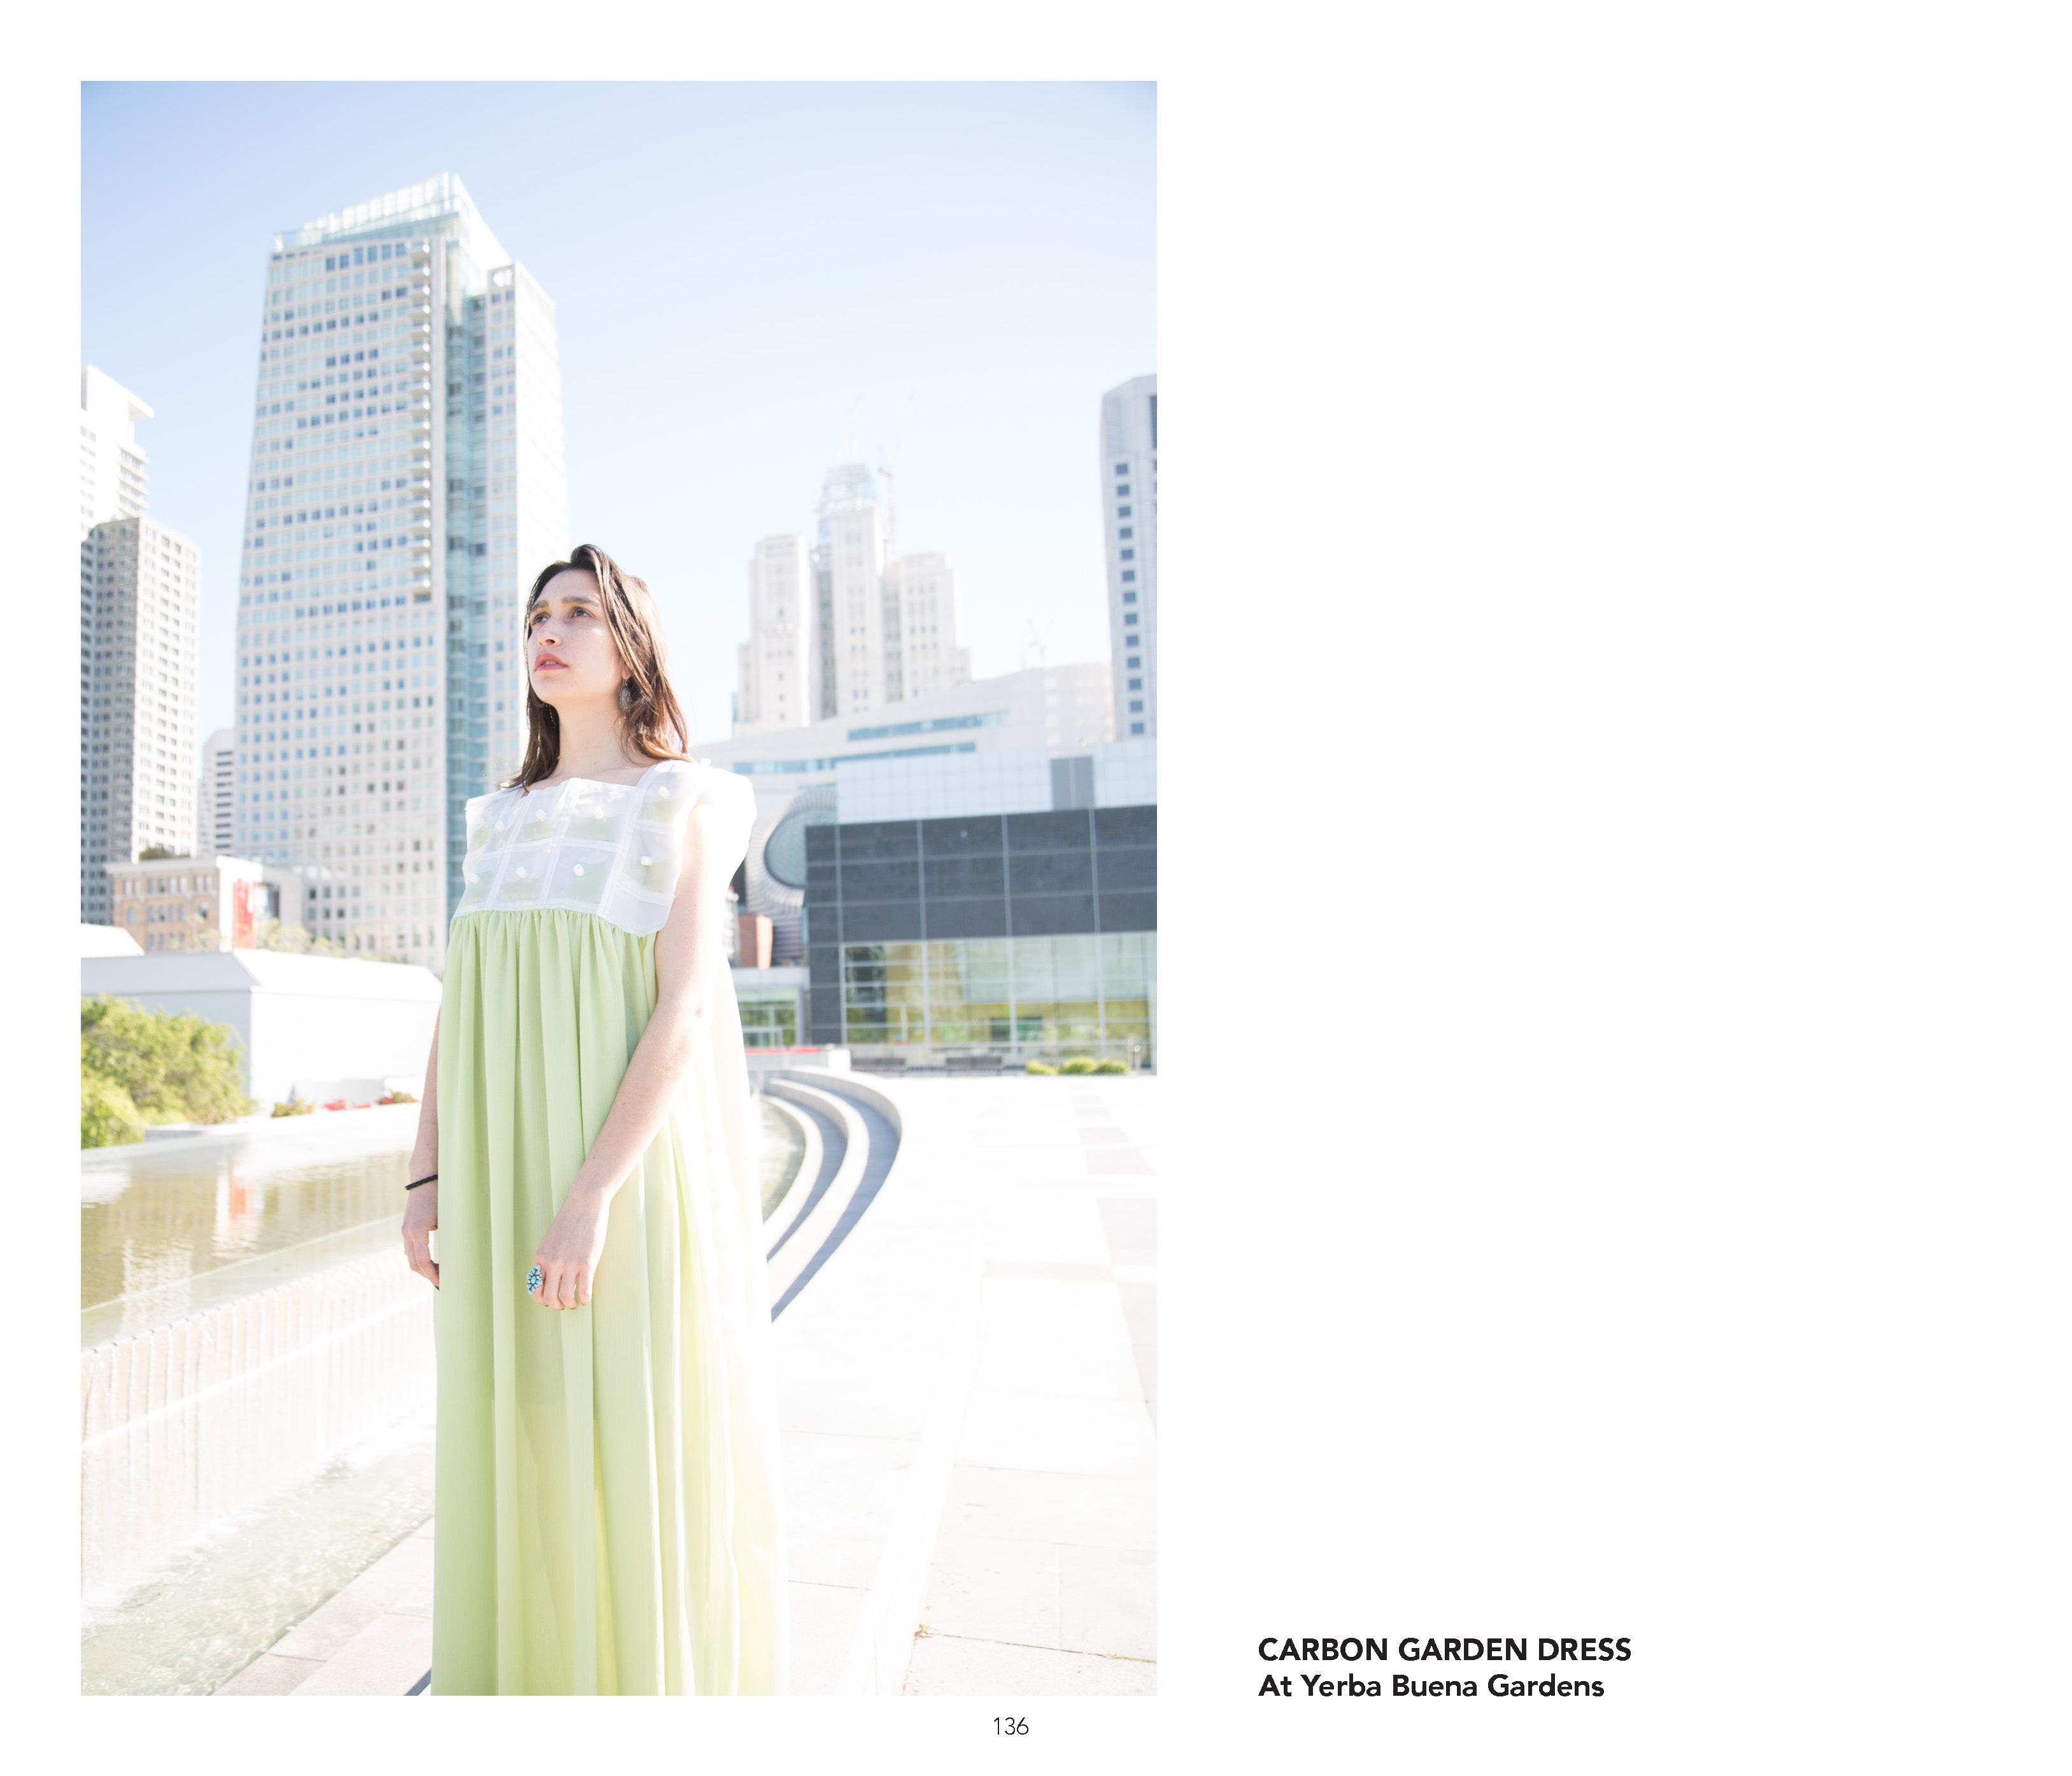 Carbon Garden Dress